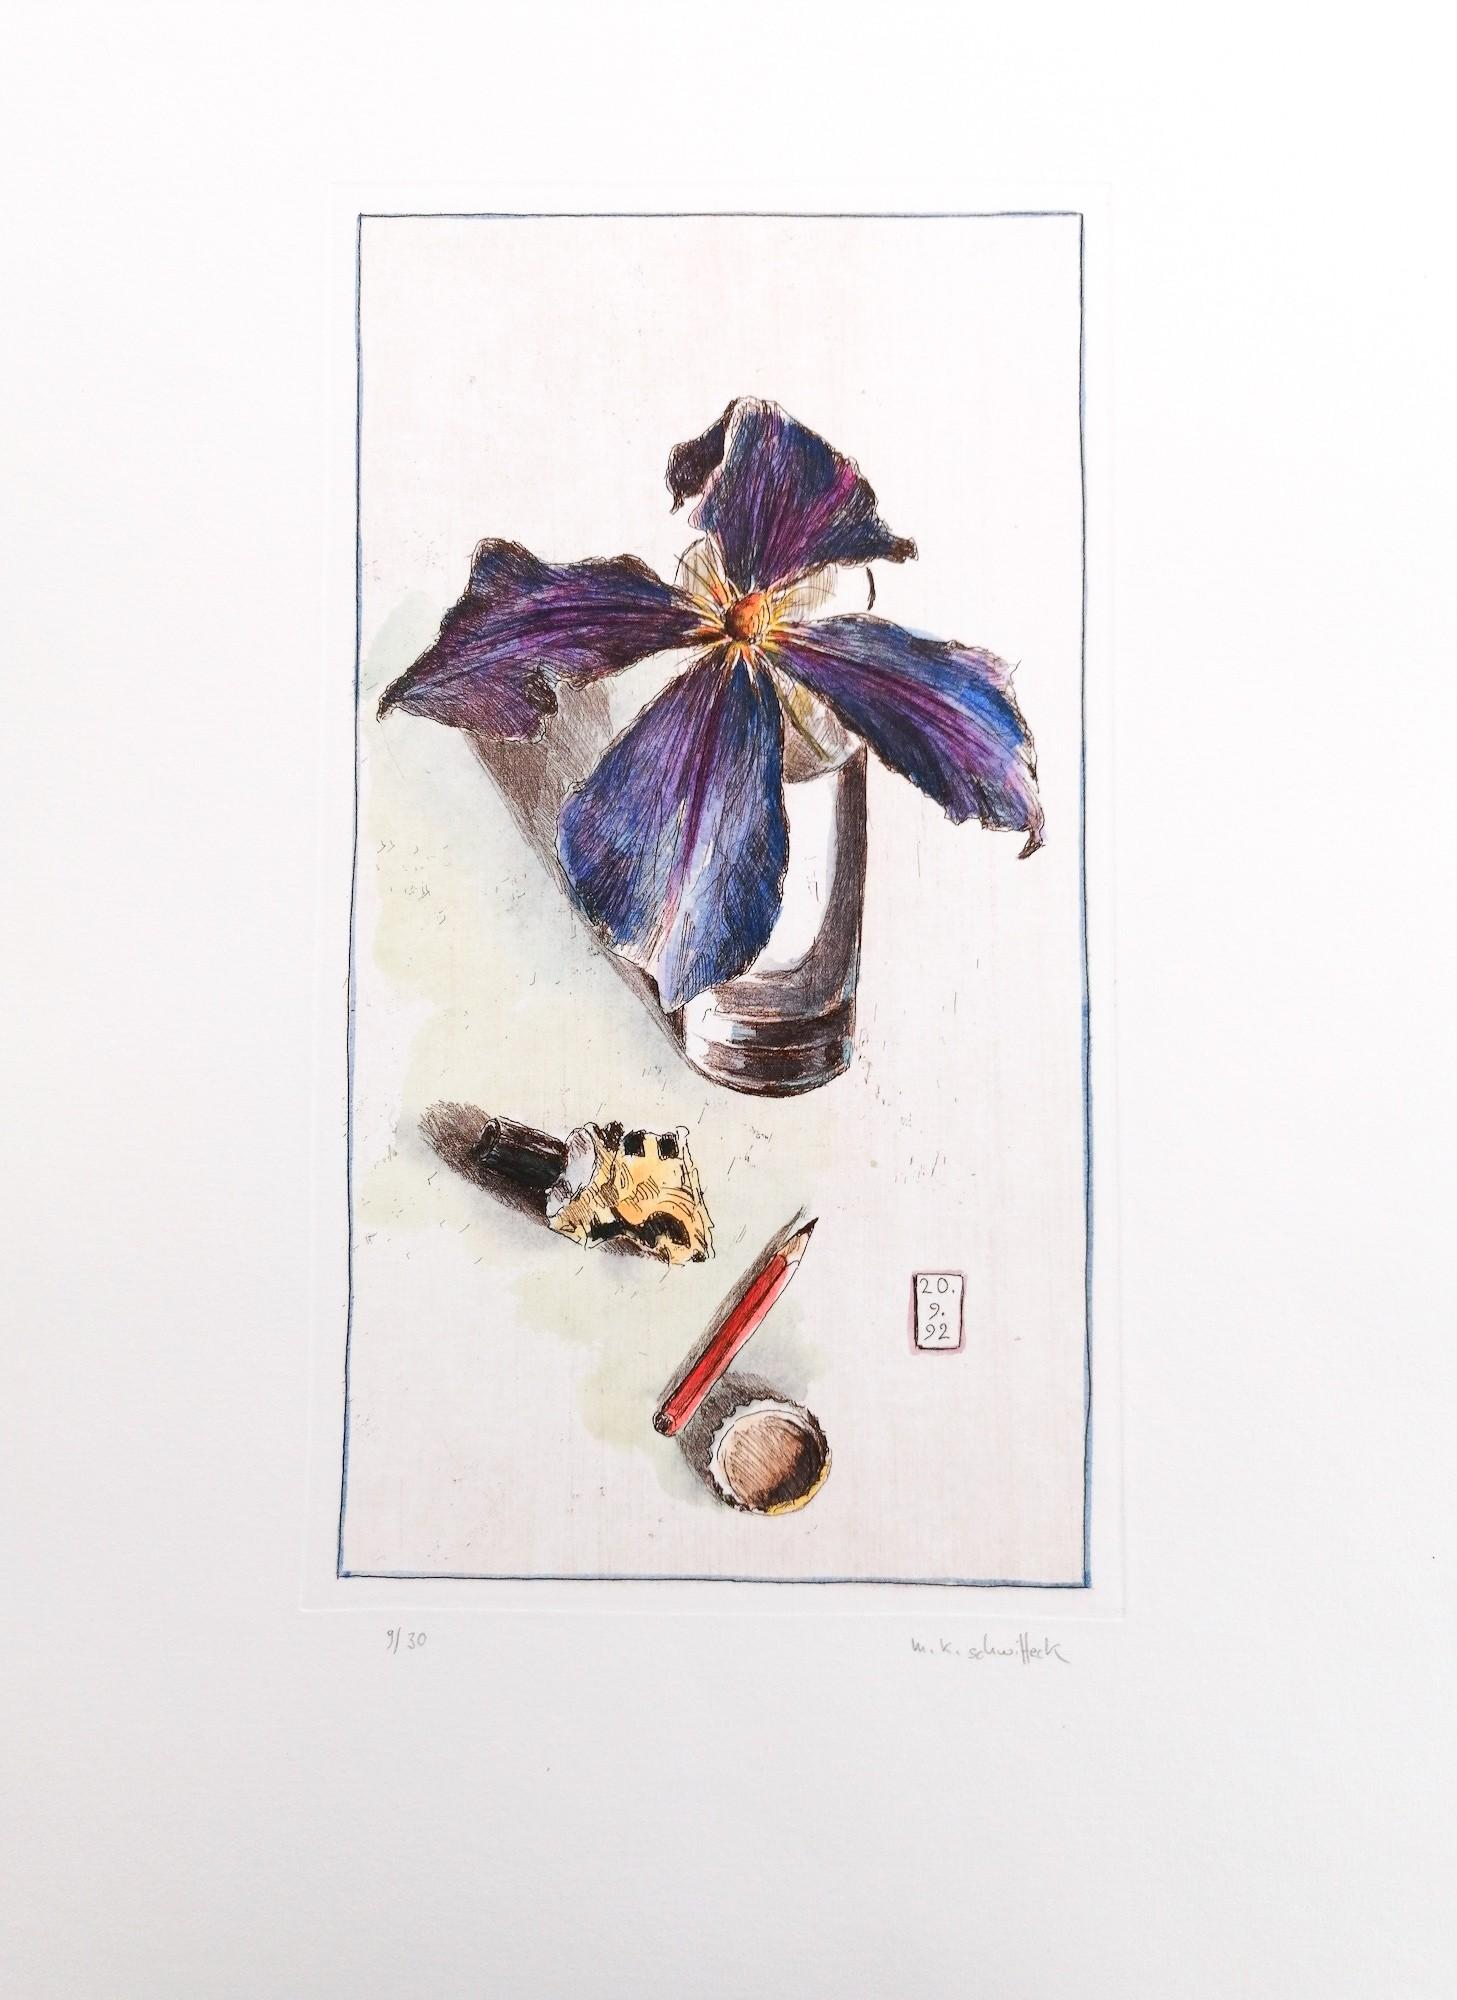 Bleistift, U - Schwitteck, M.K. - k-11436